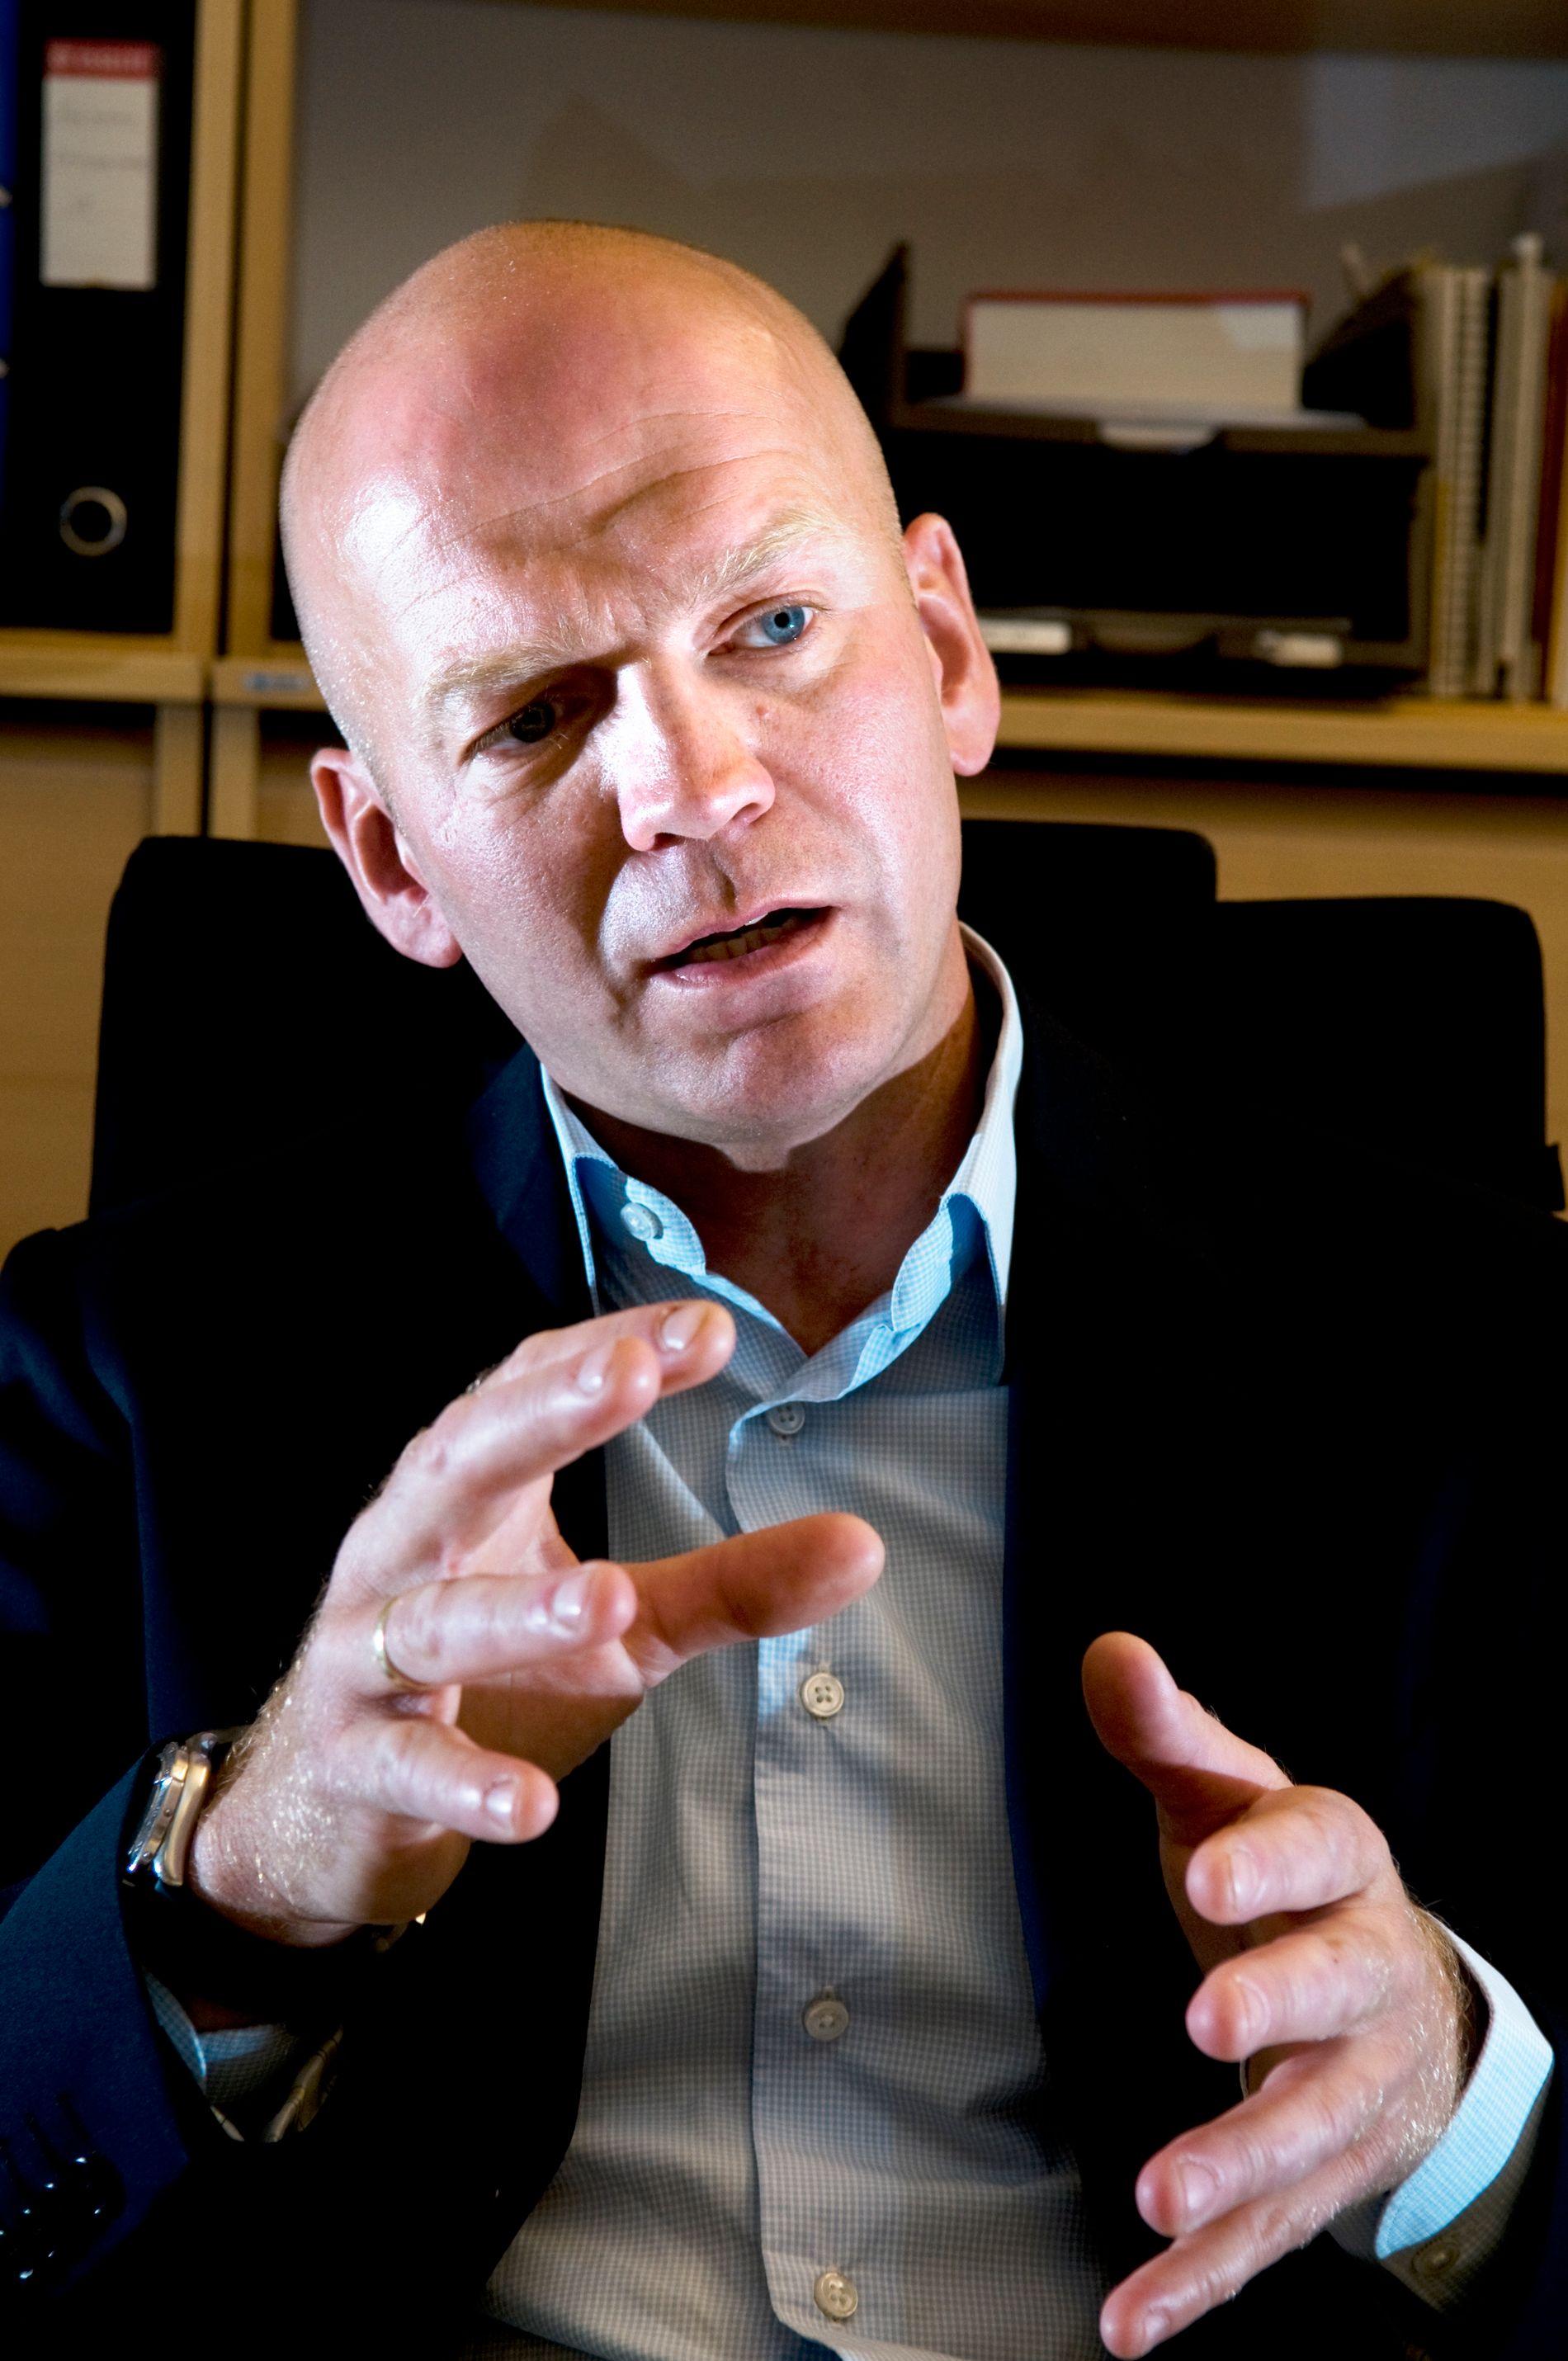 BISTANDSADVOKAT: Christian Lundin er bistandsadvokat for de etterlatte.